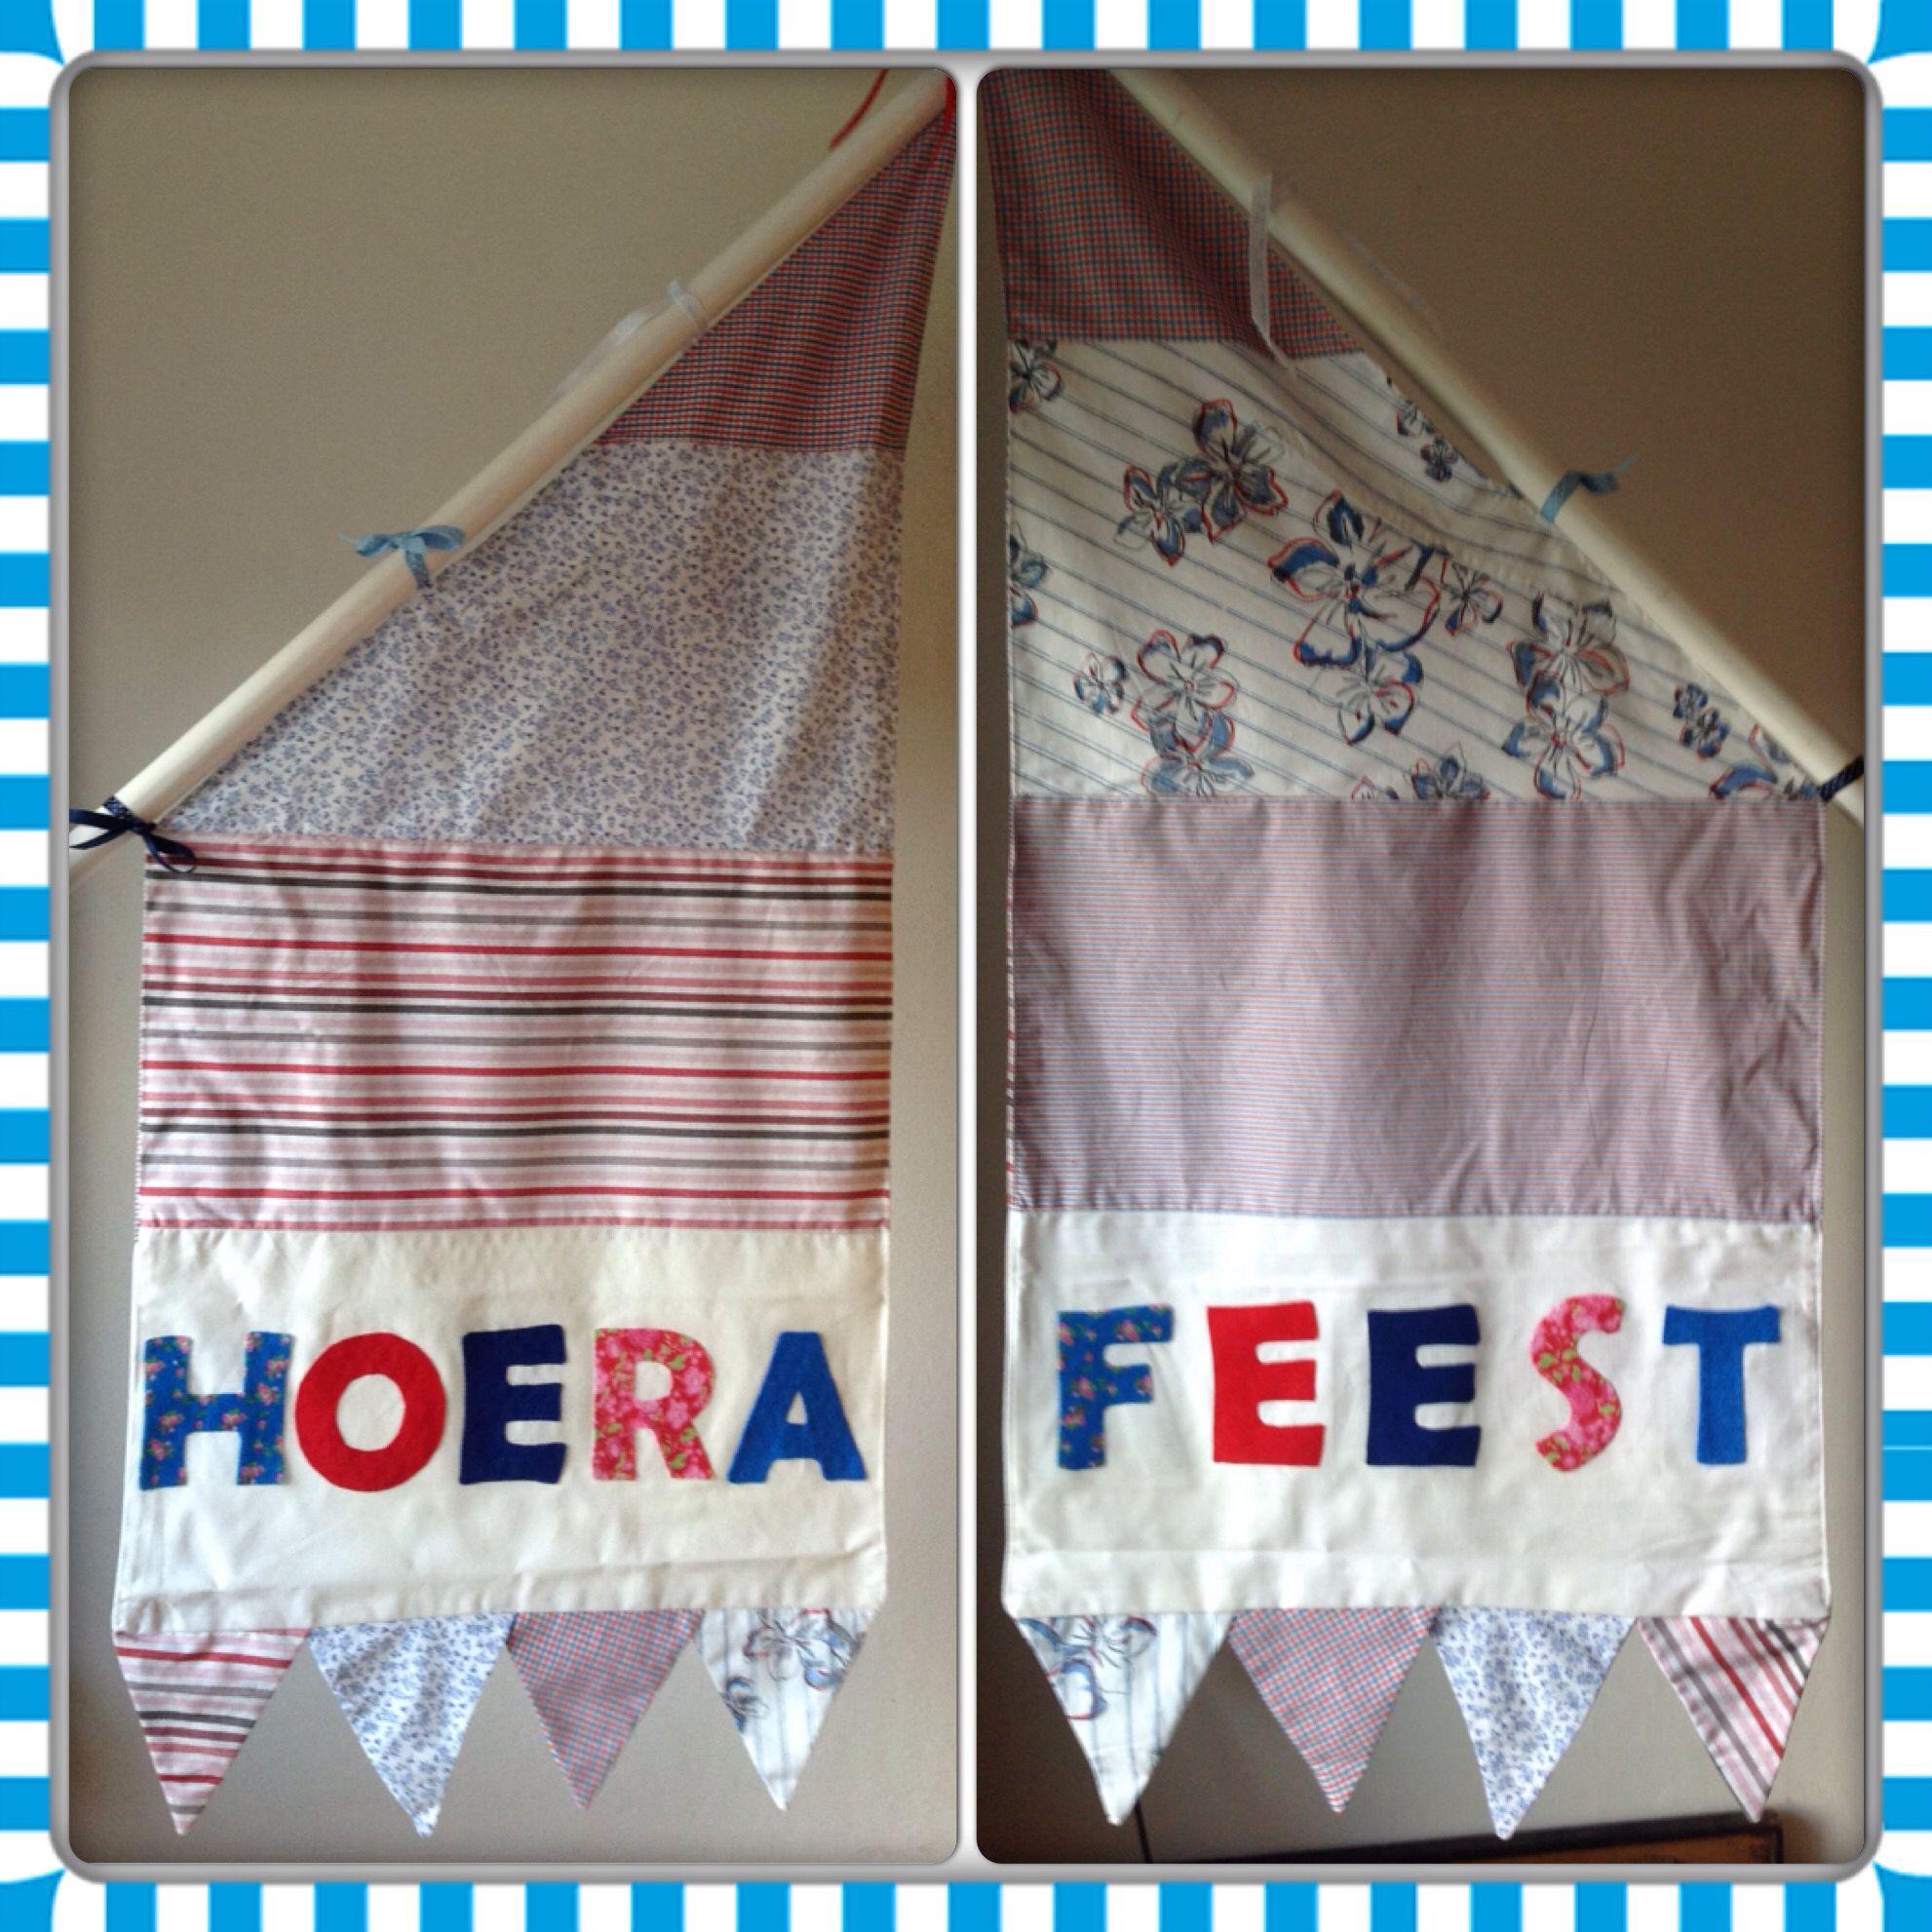 Feestvlag gemaakt van oude overhemden en vilt.